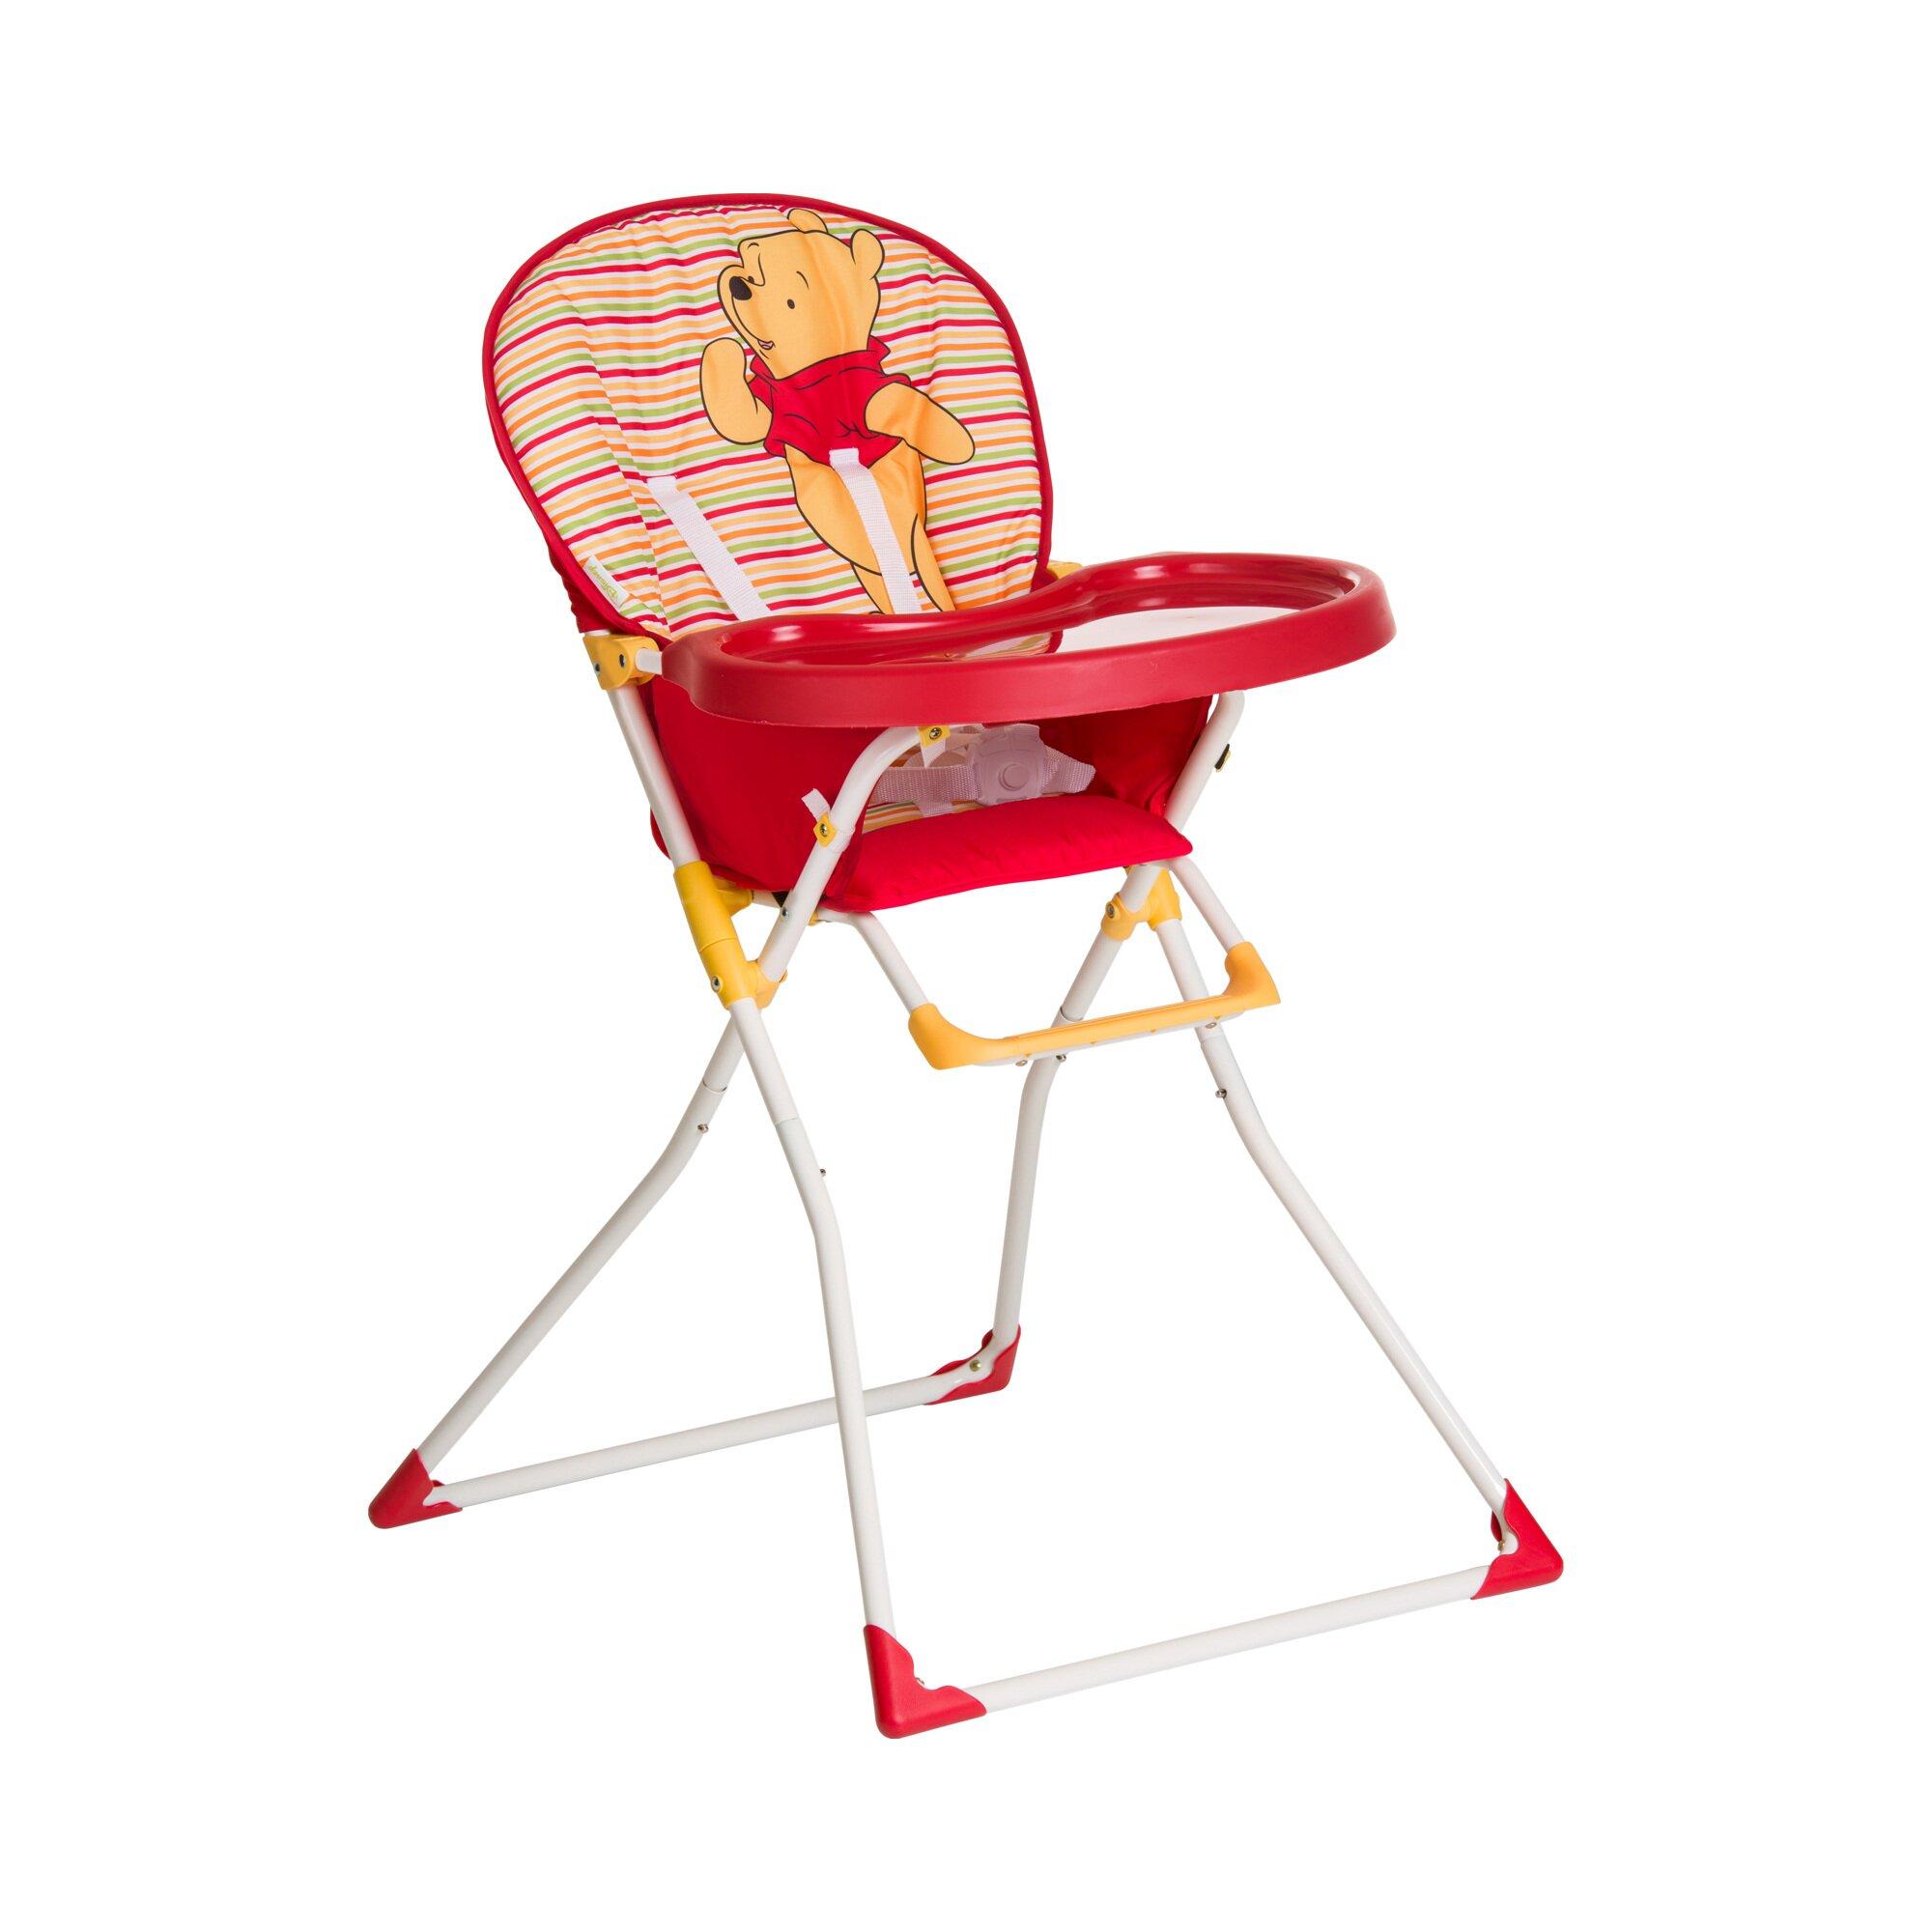 Vente chaises hautes babywalz tritoo - A quel age mettre bebe dans la chaise haute ...